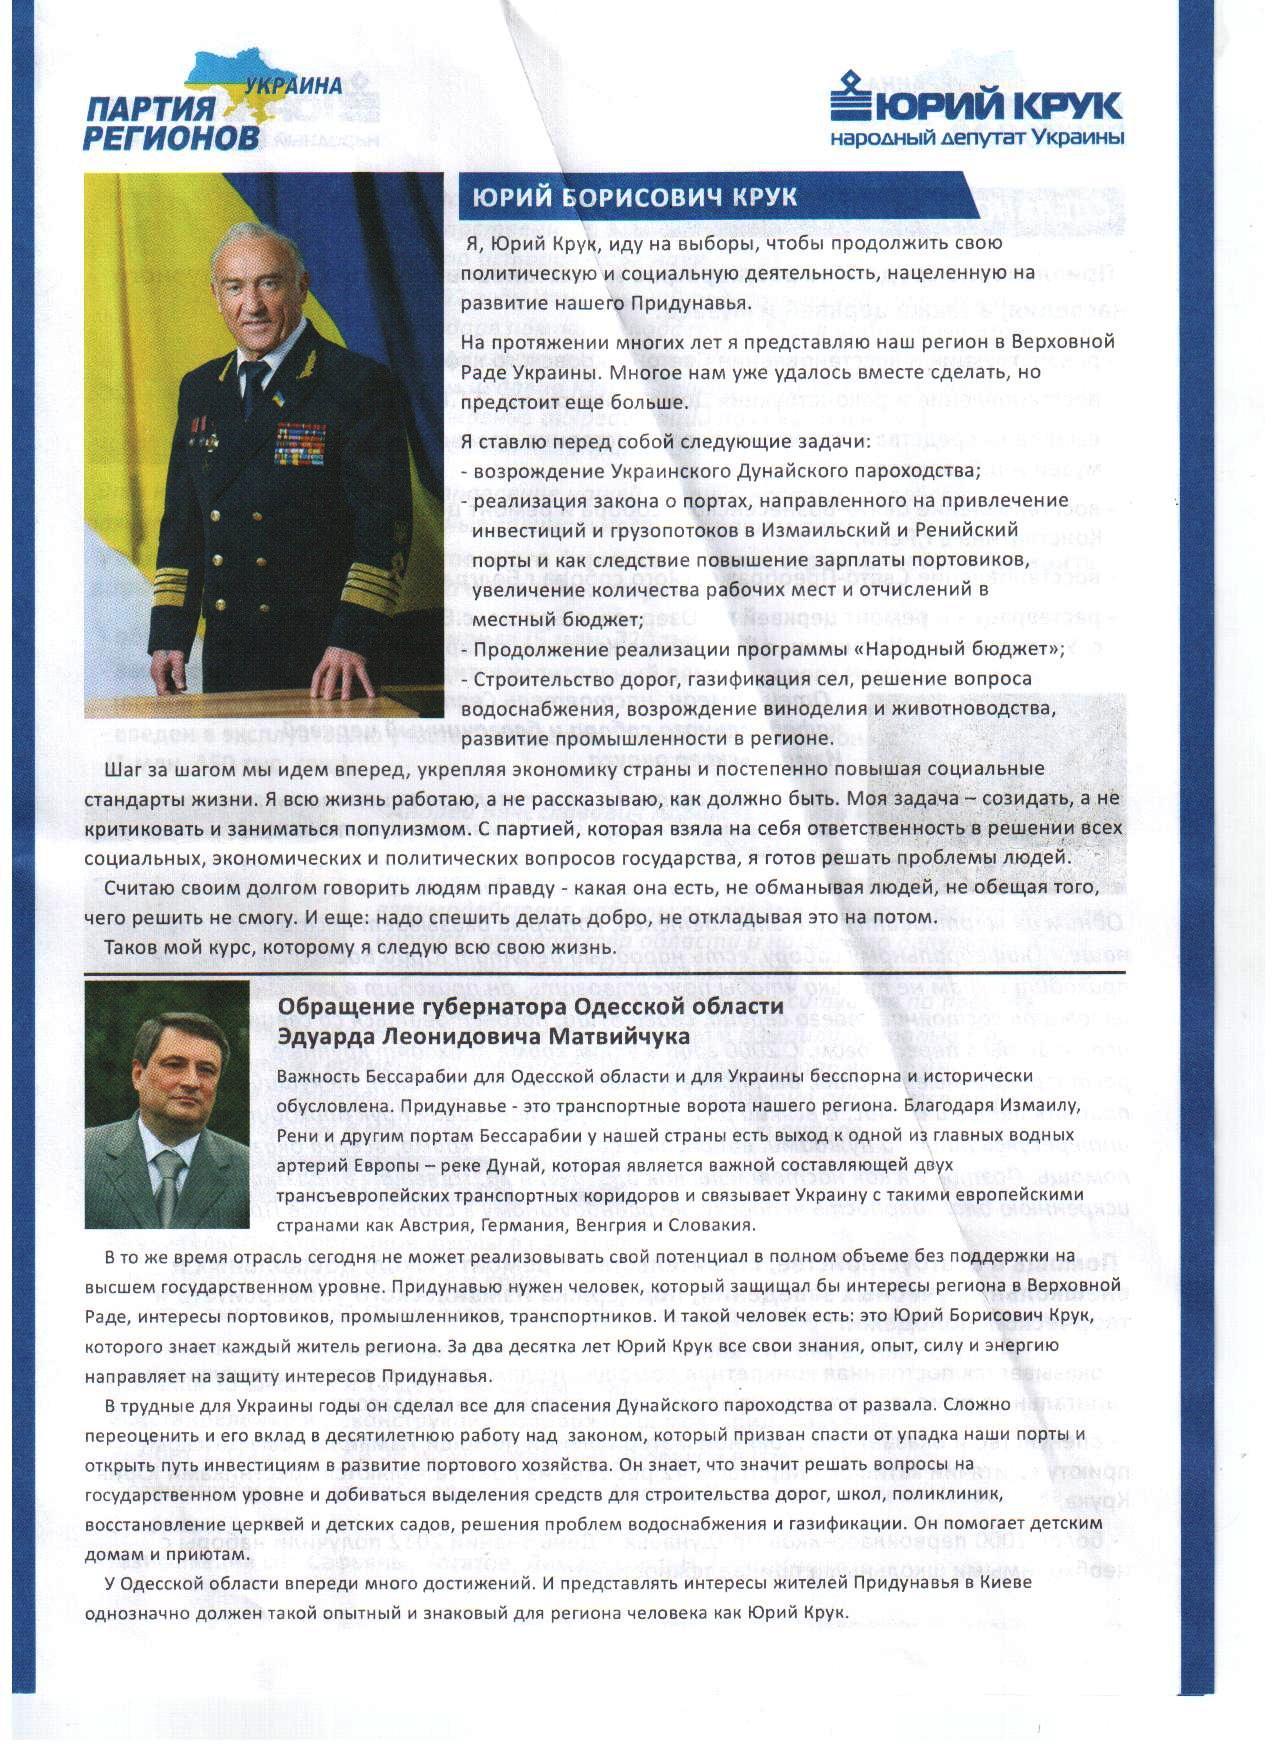 Listovka_Kruka_1_yapfilesru Измаил. Должностные лица открыто агитируют за кандидата Юрия Крука